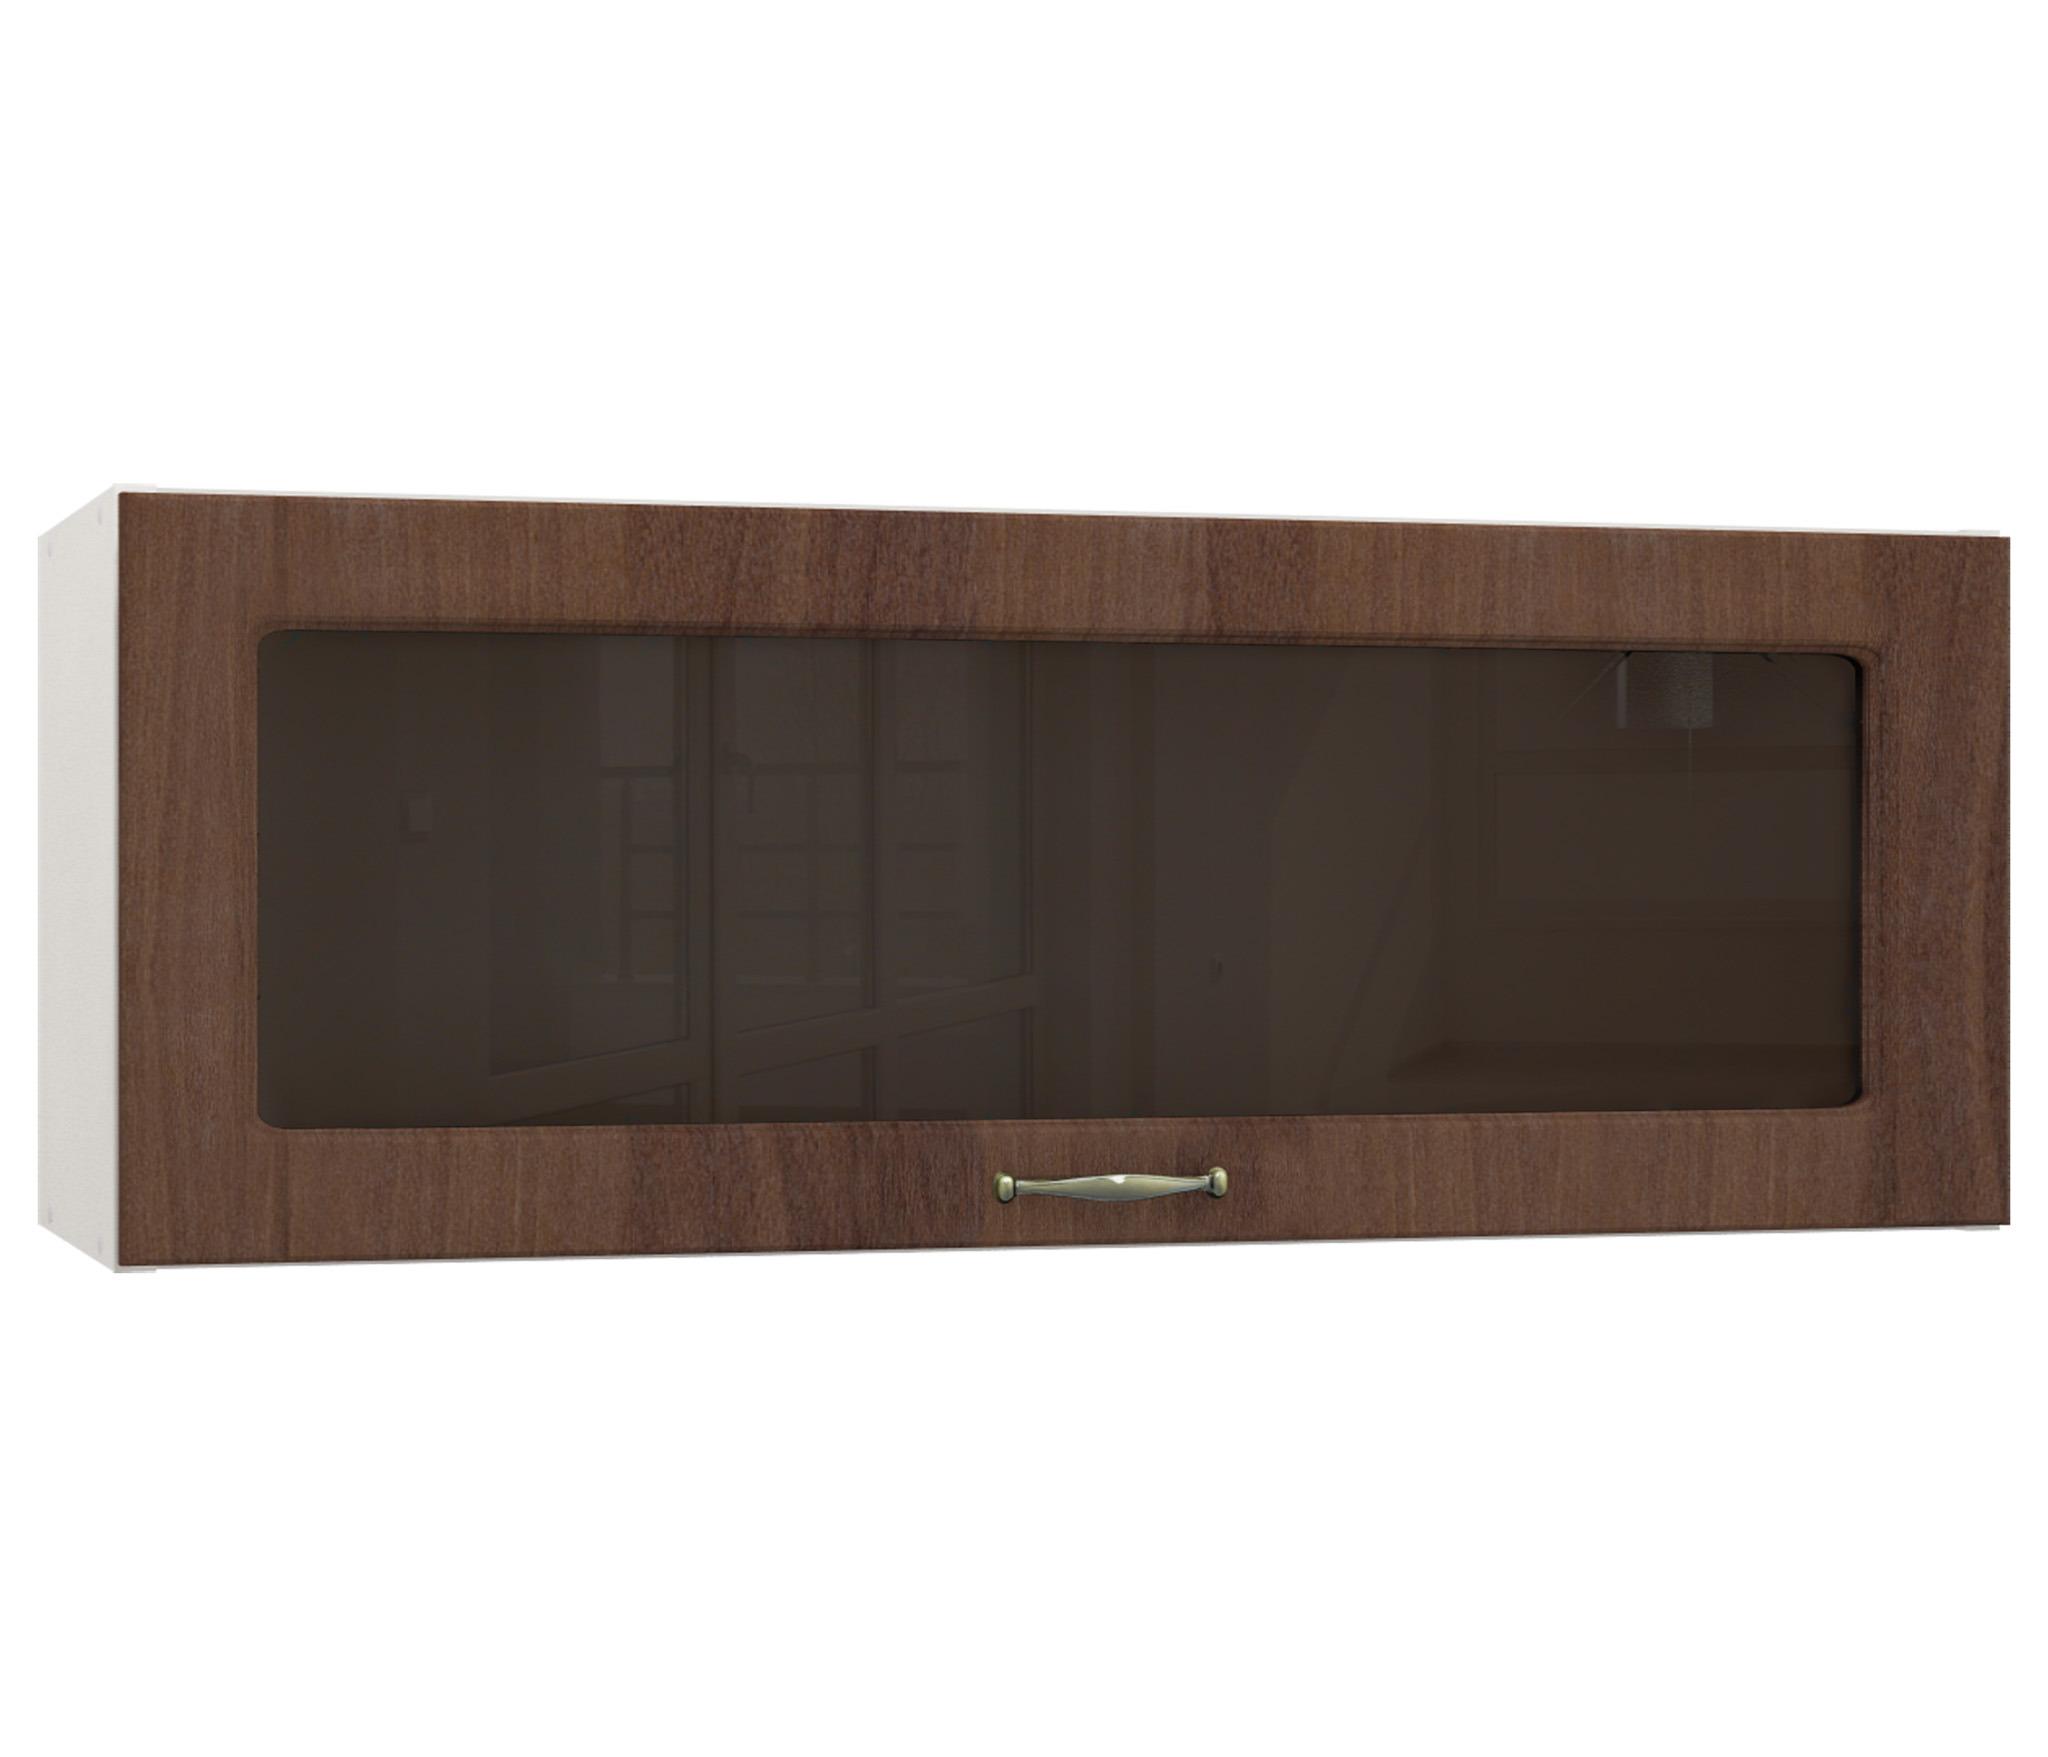 Регина РП-290/2 полка с витринойМебель для кухни<br><br><br>Длина мм: 0<br>Высота мм: 0<br>Глубина мм: 0